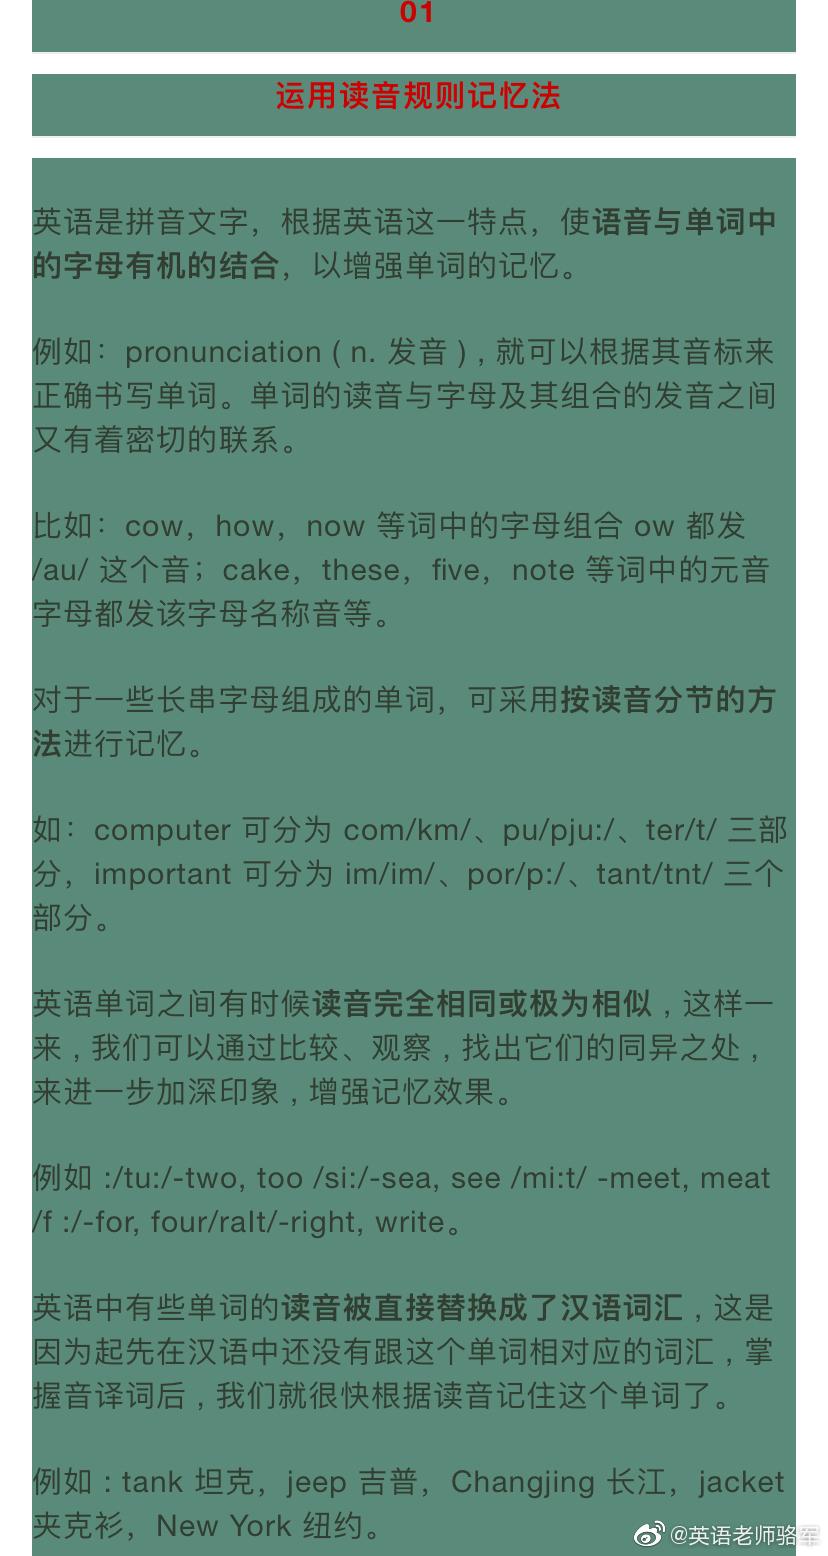 用这11种方法记单词,高效又有趣,一定要试试! @微博教育